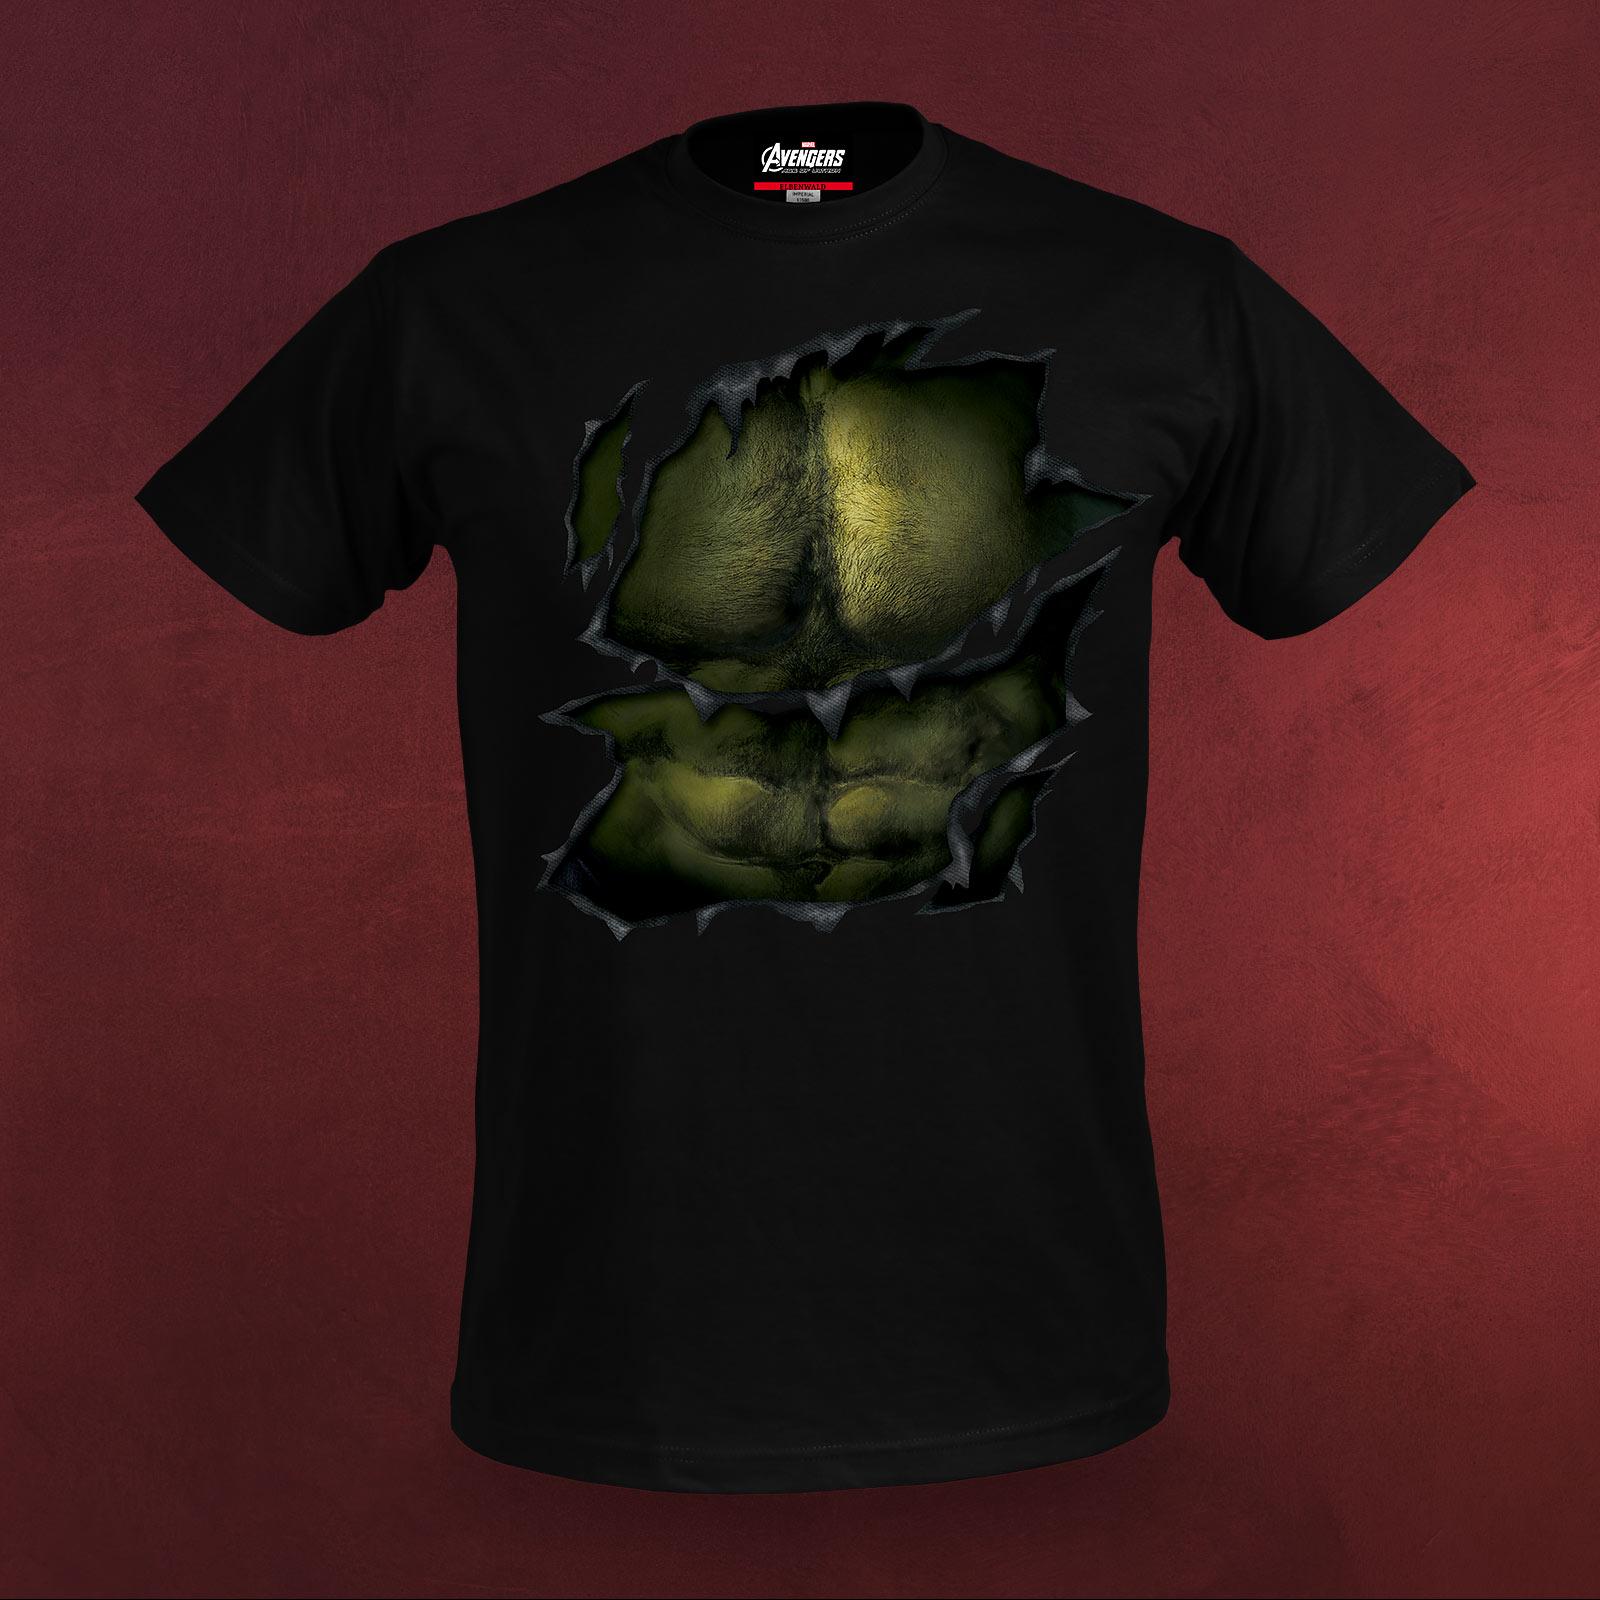 avengers age of ultron hulk muskel t shirt marvel. Black Bedroom Furniture Sets. Home Design Ideas